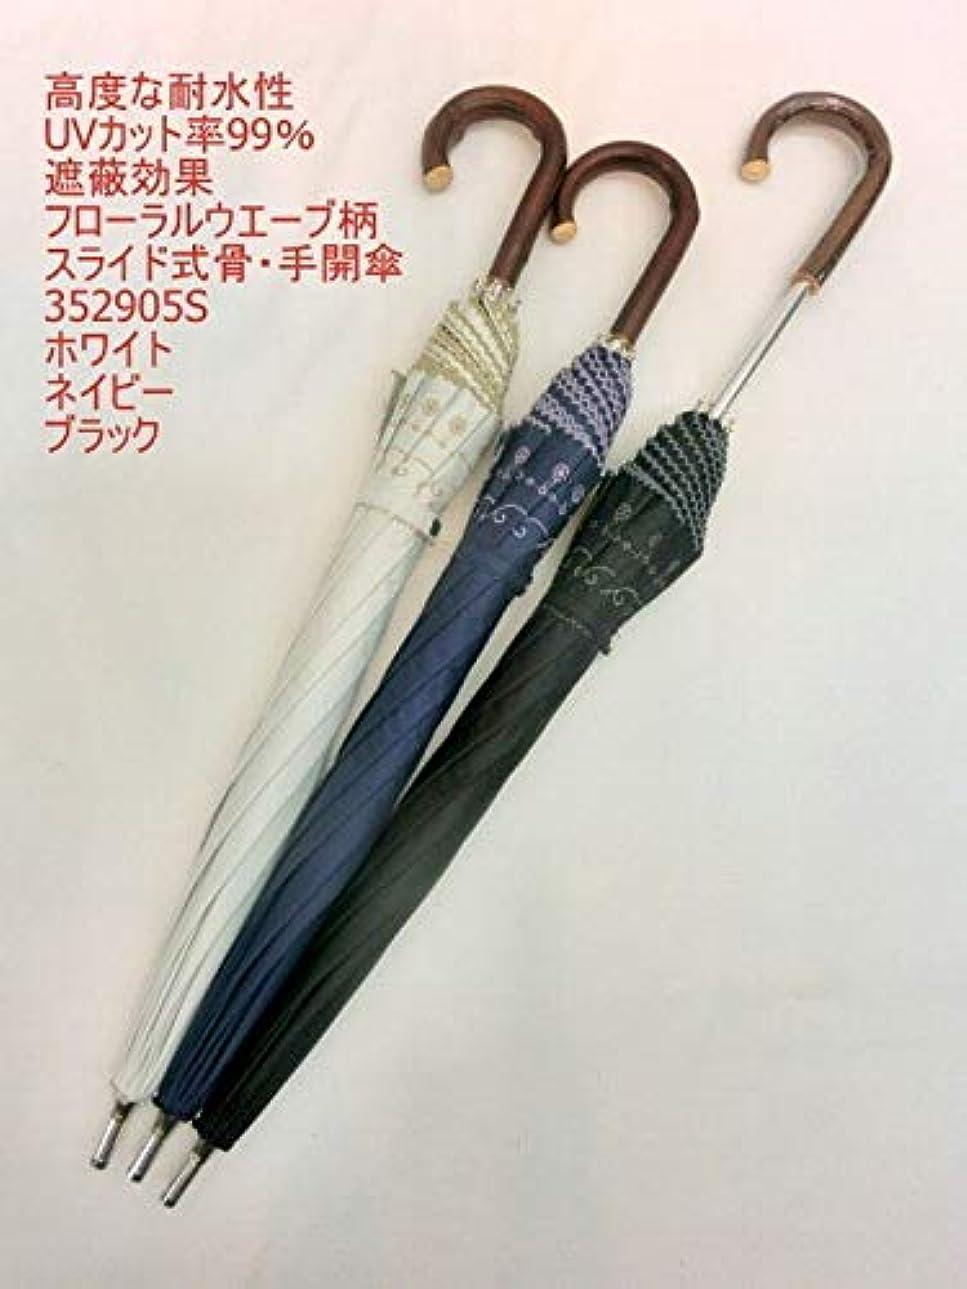 スカリー知る非難晴雨兼用傘 傘 ファッション小物 レディースファッション 長傘高度な耐水性 UVカット99% 遮蔽効果 フローラルウエーブ柄